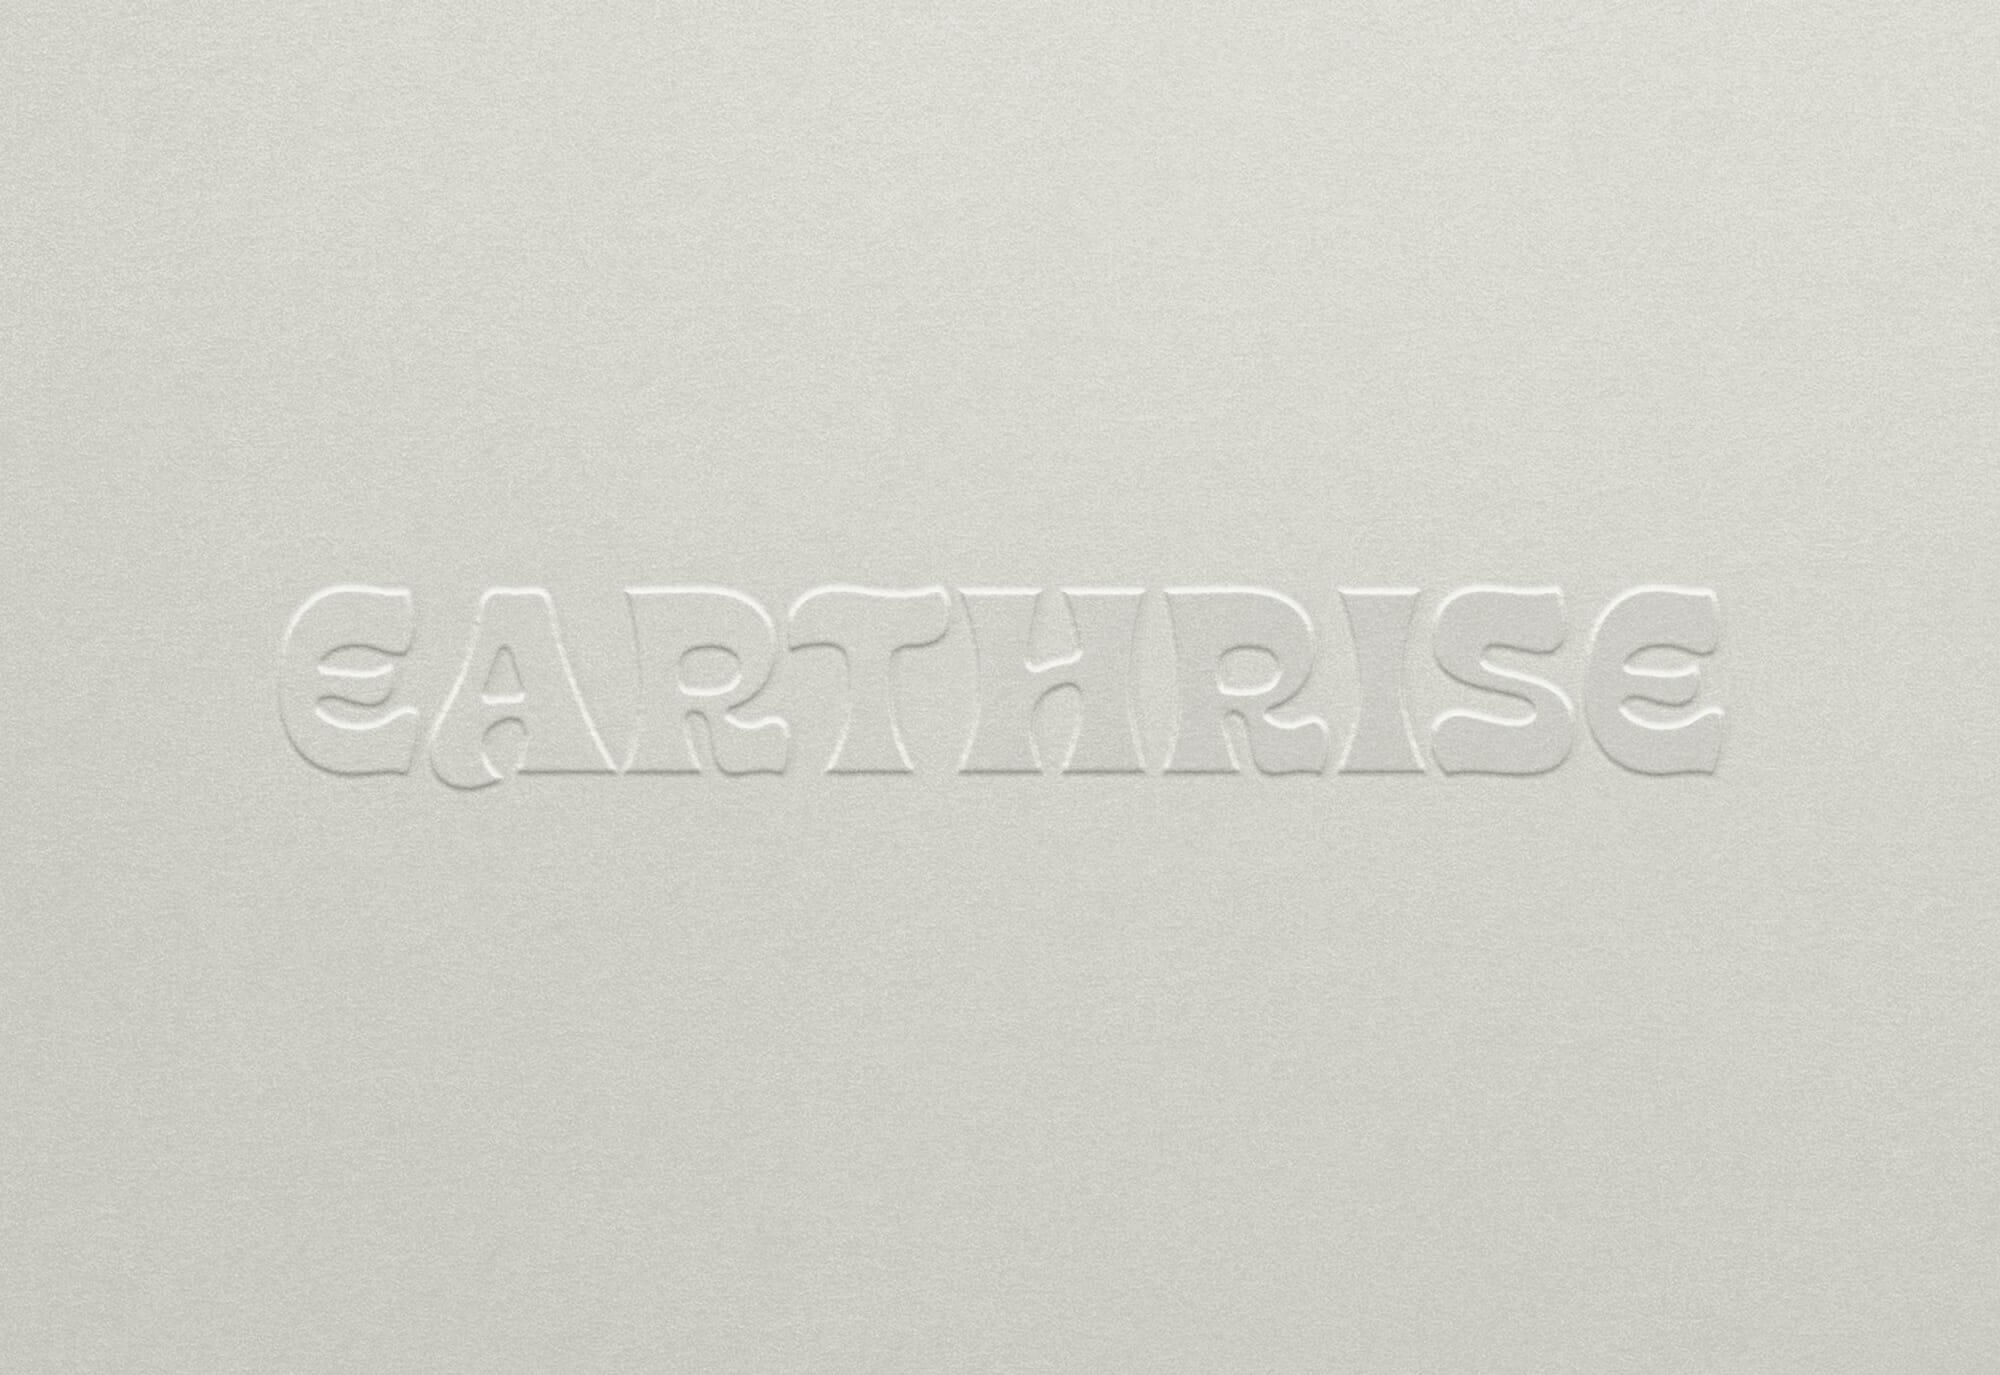 Earthrise Coffee Roasters Logotype Emboss